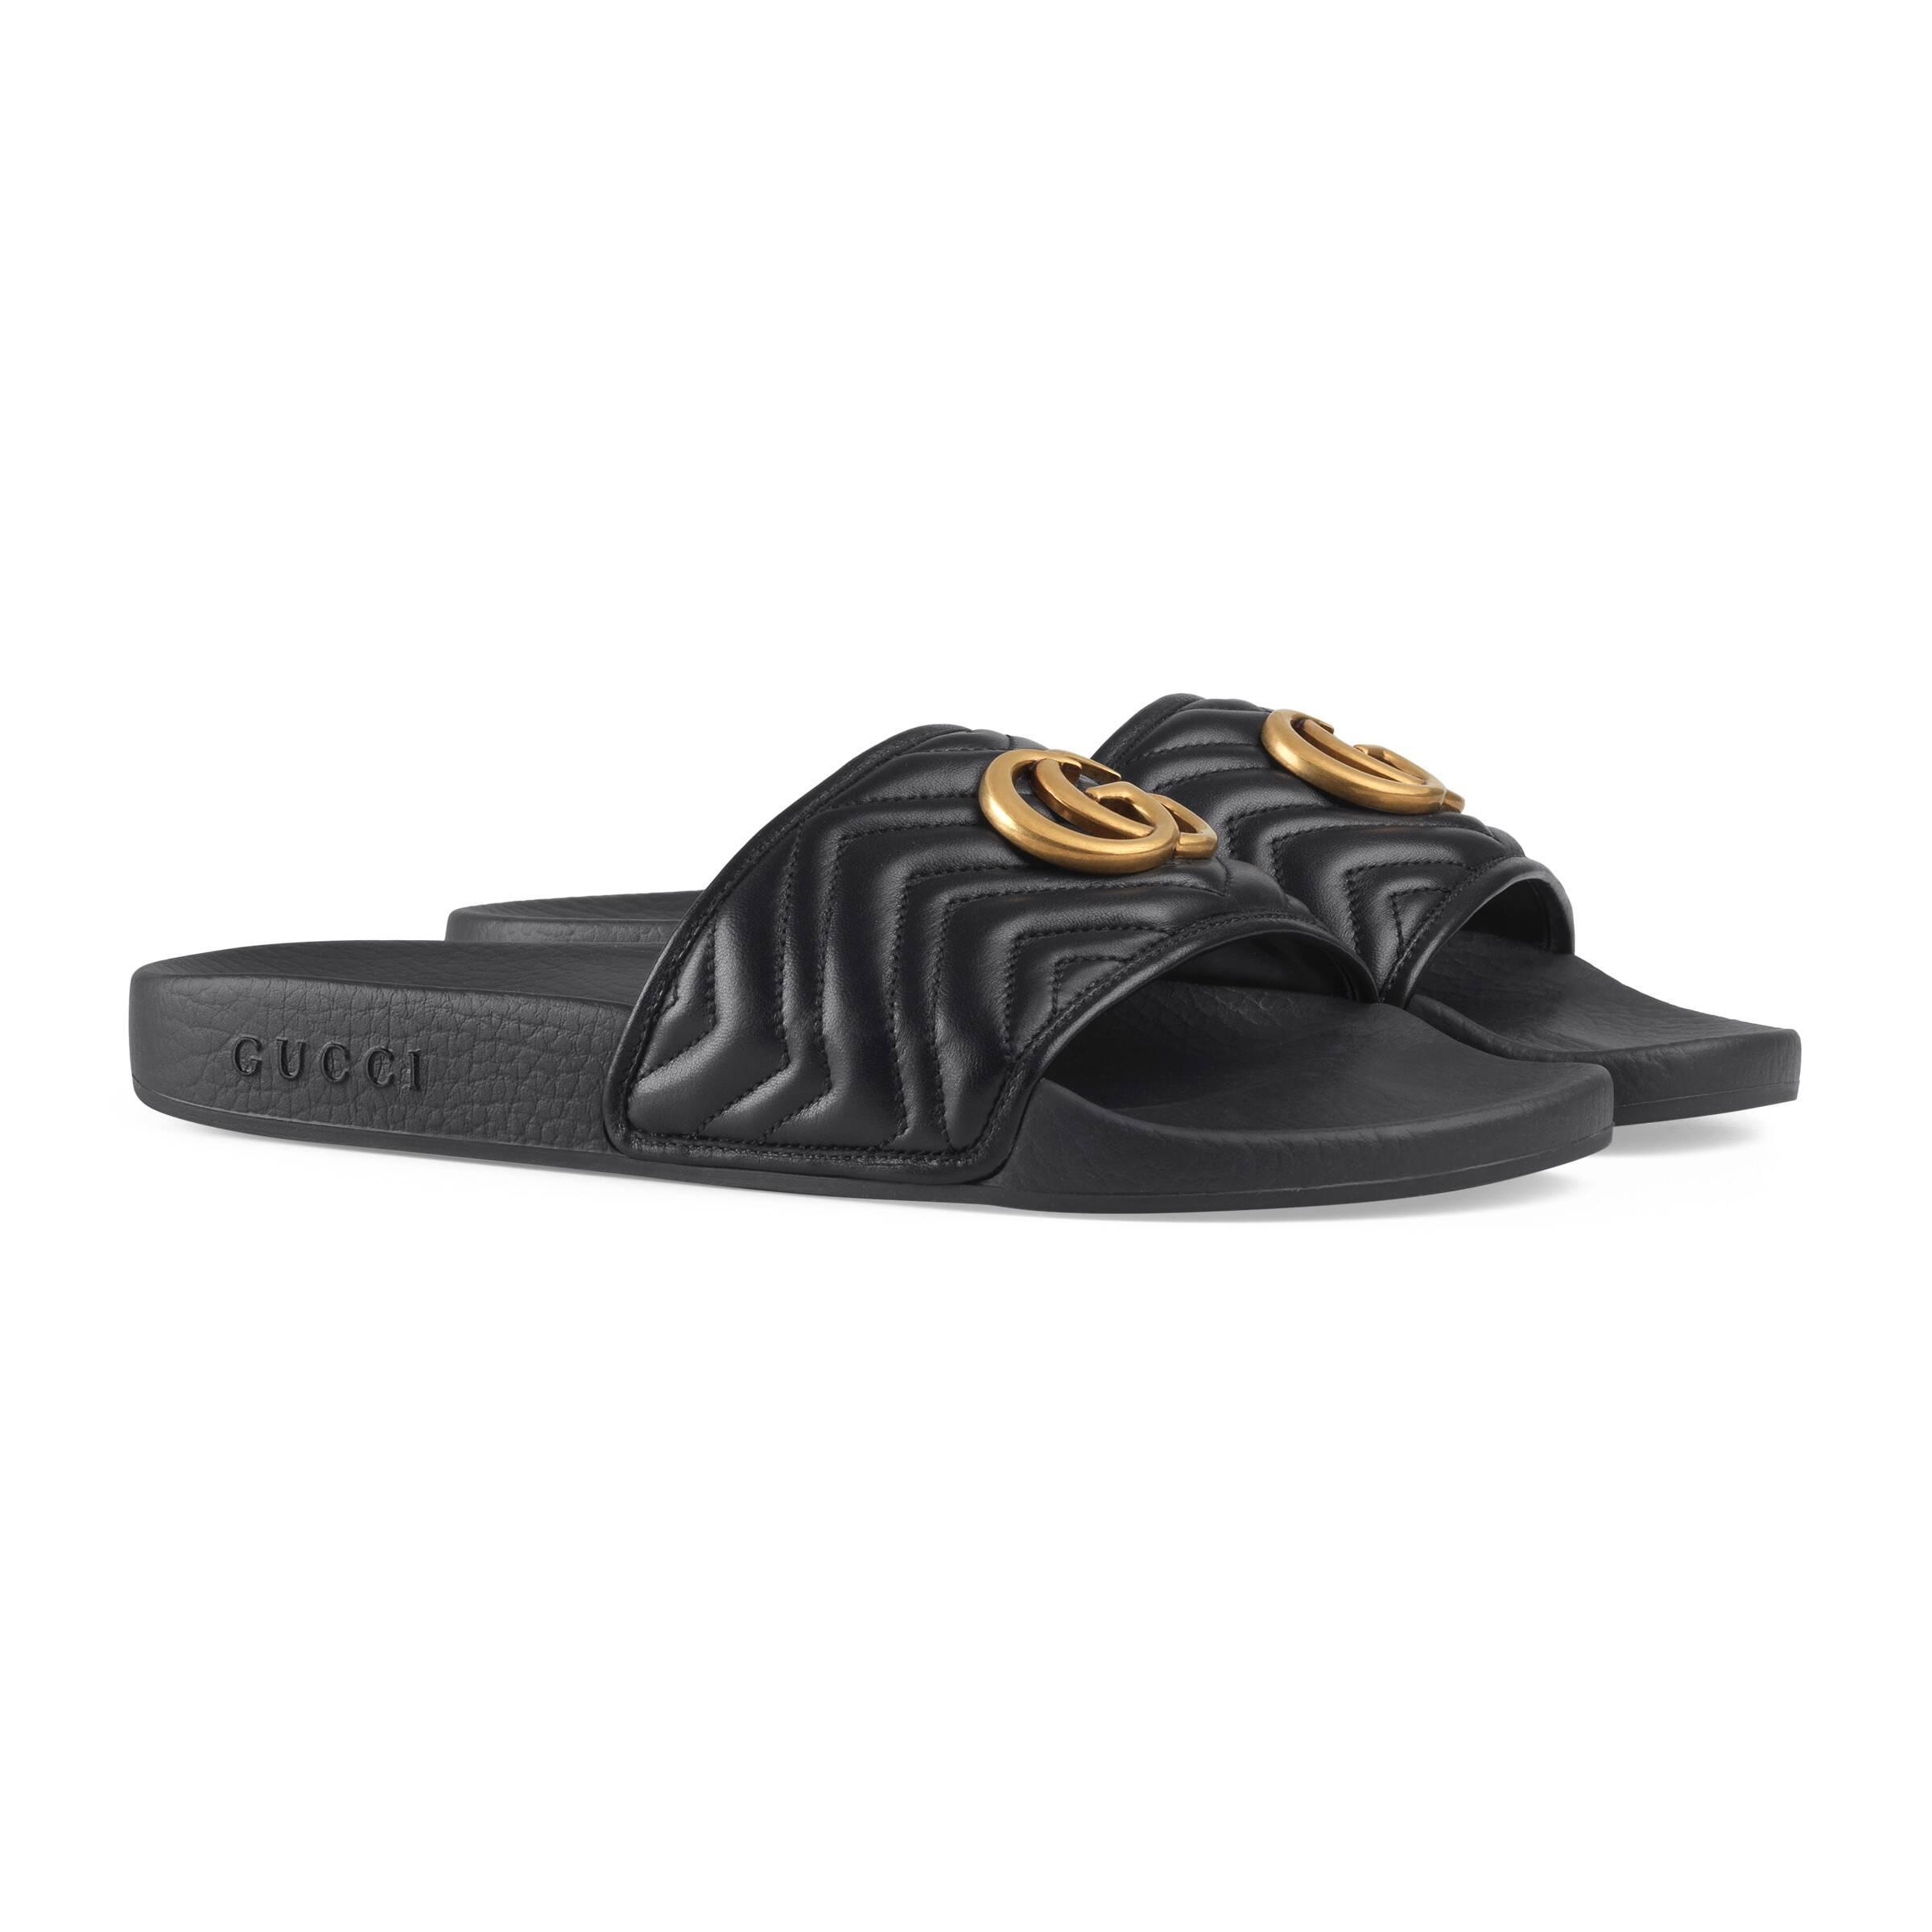 Gucci Matelassé Leather Slide in Nero